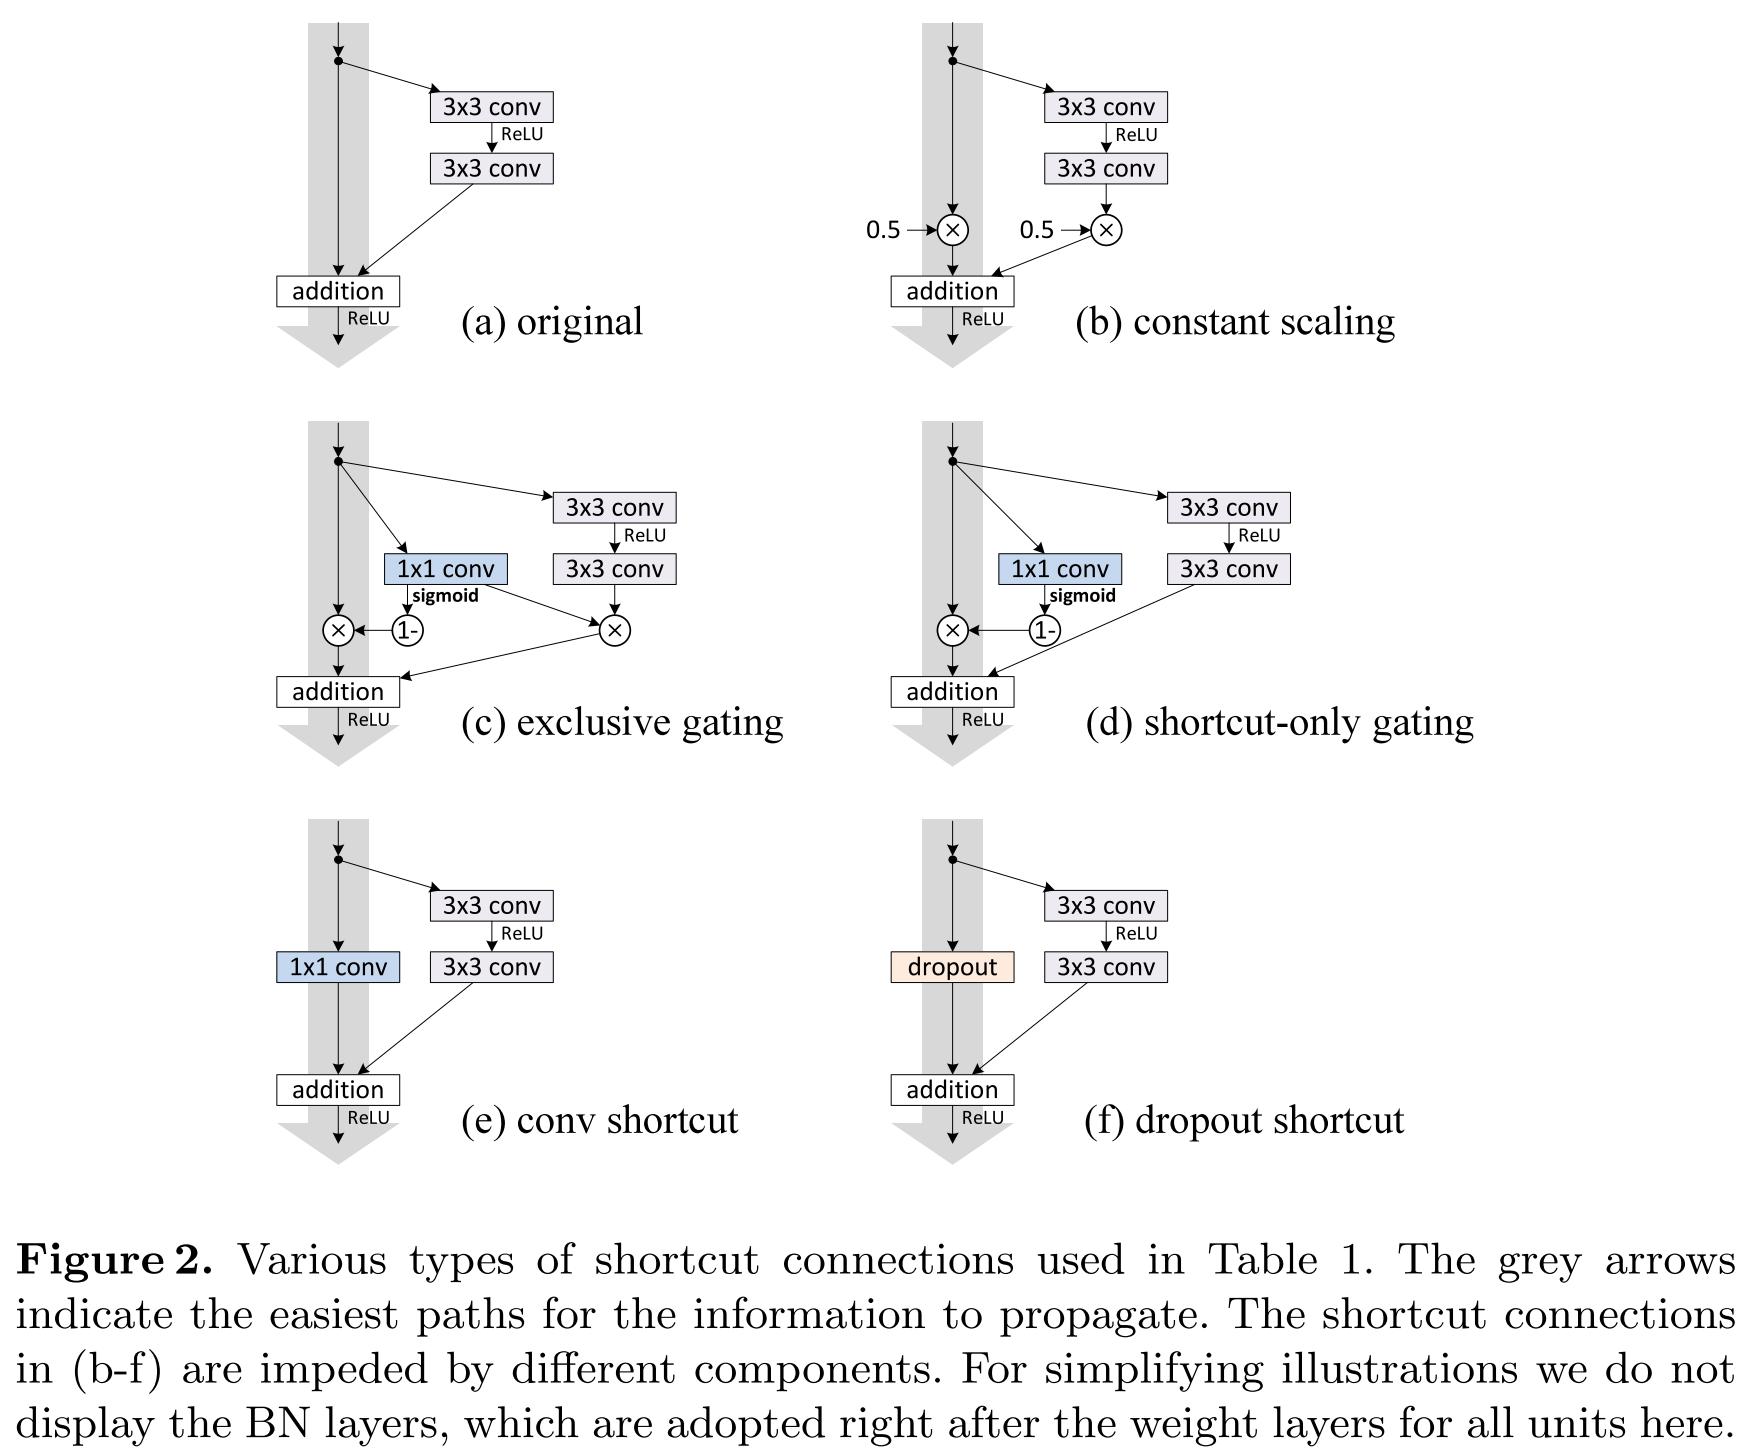 Обзор топологий глубоких сверточных нейронных сетей - 69